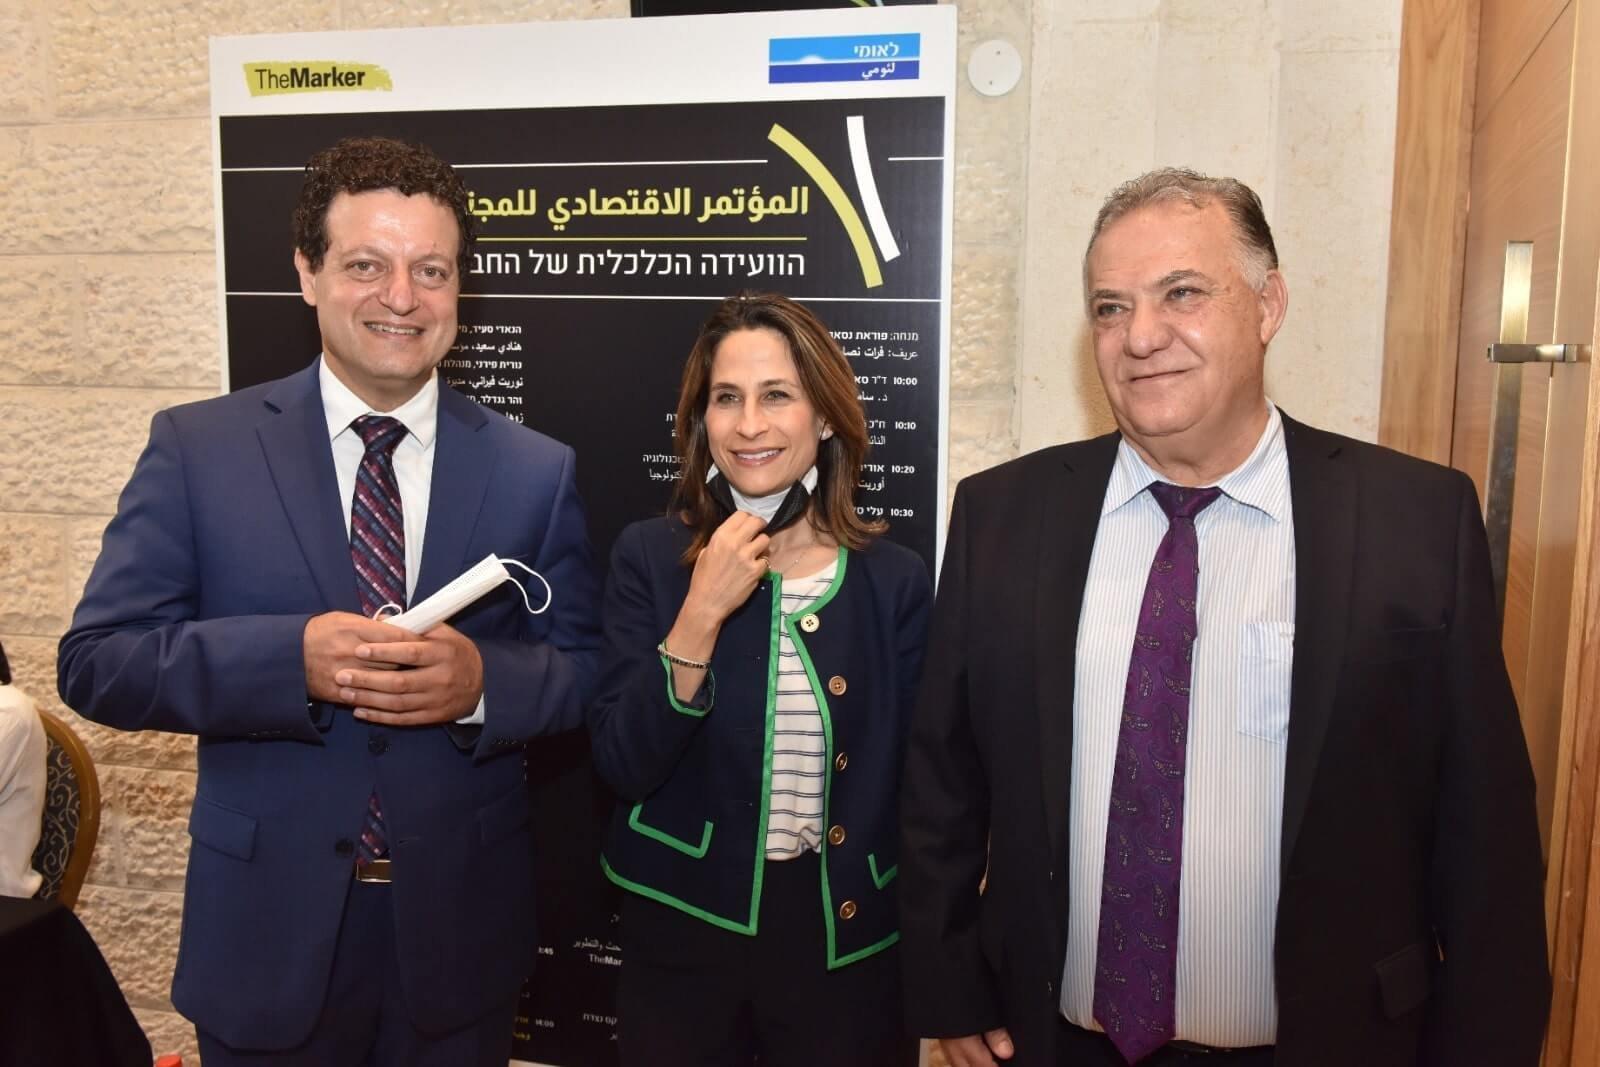 """نجاح كبير لـ """"المؤتمر الاقتصادي للمجتمع العربي """" لـ The Marker وبنك لئومي-6"""